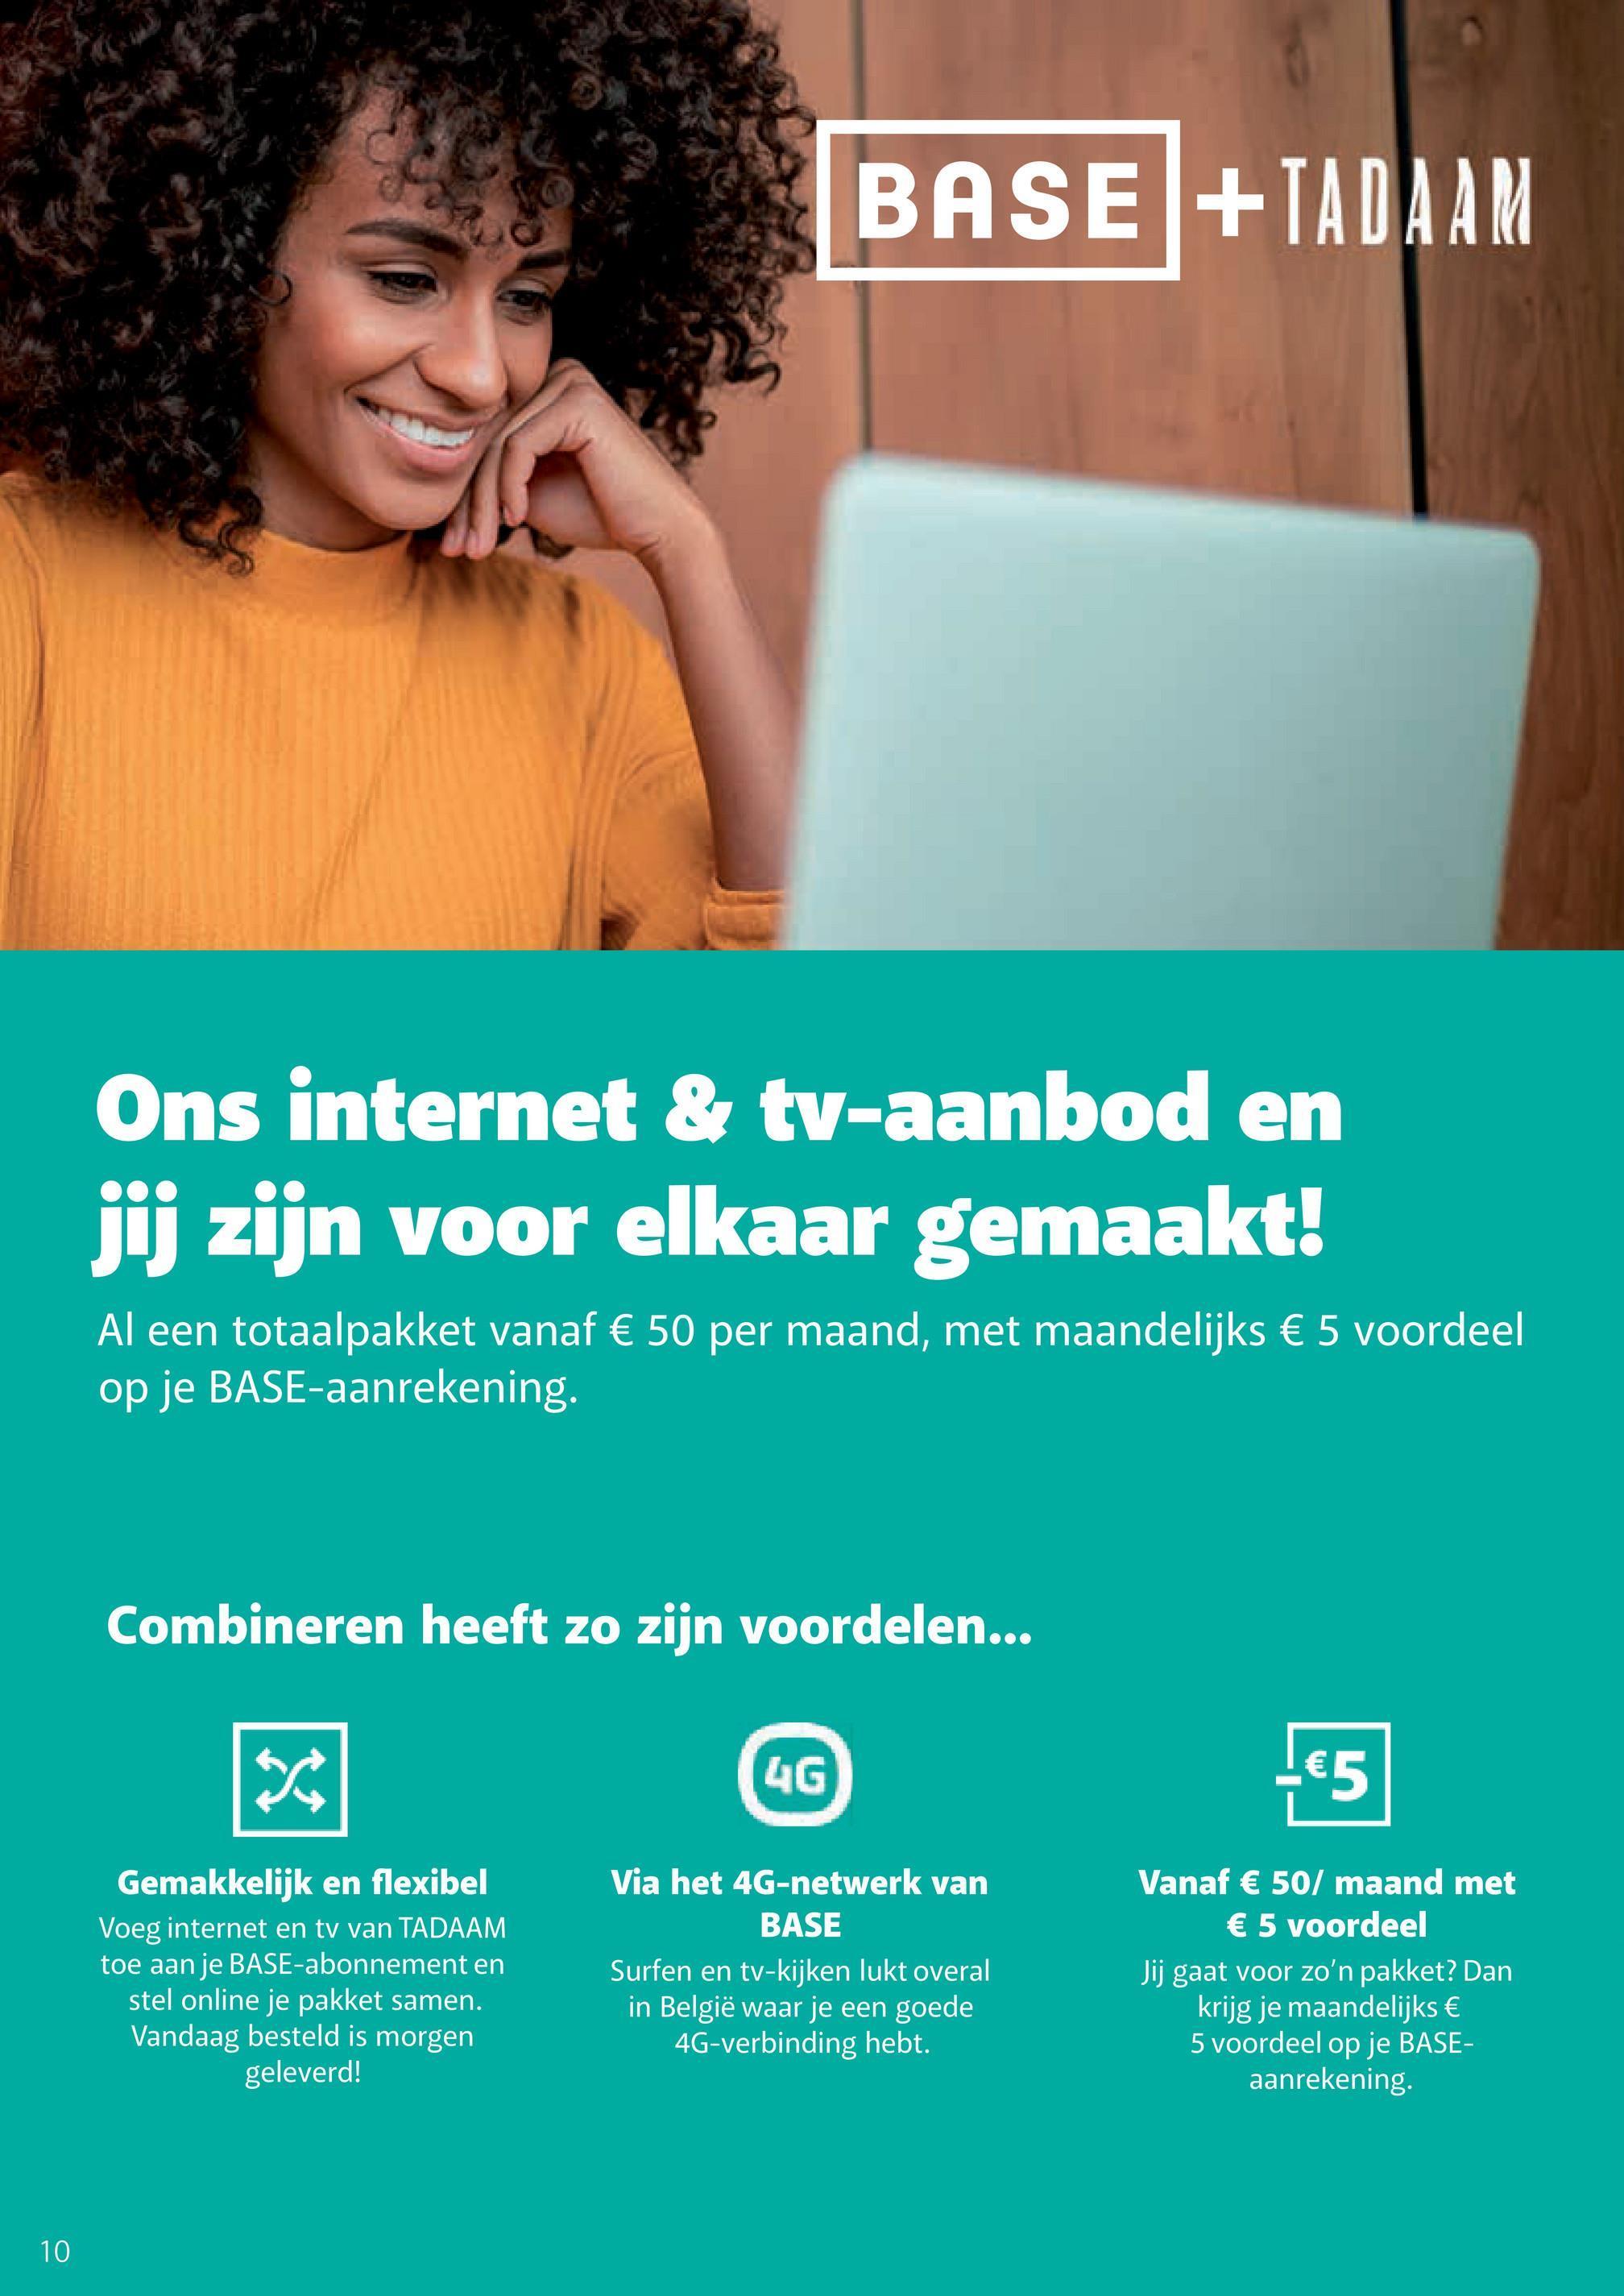 BASE +IADAAM Ons internet & tv-aanbod en jij zijn voor elkaar gemaakt! Al een totaalpakket vanaf € 50 per maand, met maandelijks € 5 voordeel op je BASE-aanrekening. Combineren heeft zo zijn voordelen... 次 4G €5 Gemakkelijk en flexibel Voeg internet en tv van TADAAM toe aan je BASE-abonnement en stel online je pakket samen. Vandaag besteld is morgen geleverd! Via het 4G-netwerk van BASE Surfen en tv-kijken lukt overal in België waar je een goede 4G-verbinding hebt. Vanaf € 50/ maand met € 5 voordeel Jij gaat voor zo'n pakket? Dan krijg je maandelijks € 5 voordeel op je BASE- aanrekening 10